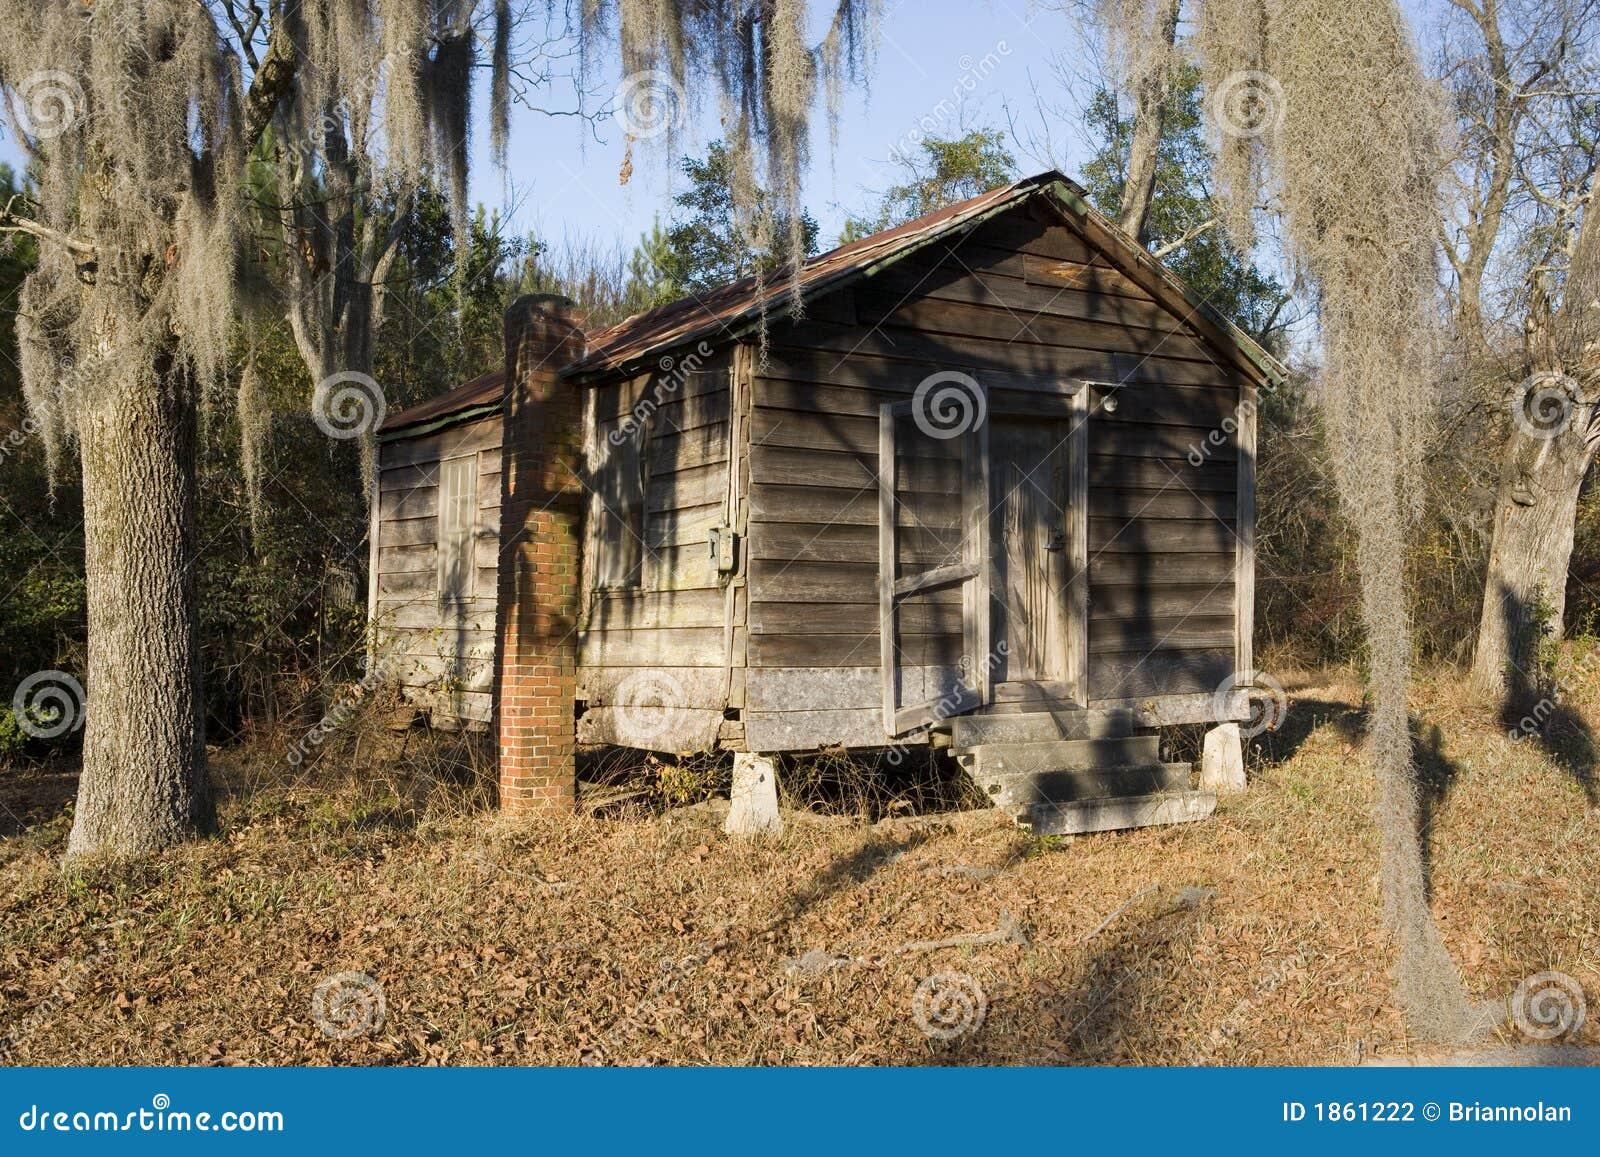 cabane dans les bois photo stock image du cabane oubli. Black Bedroom Furniture Sets. Home Design Ideas